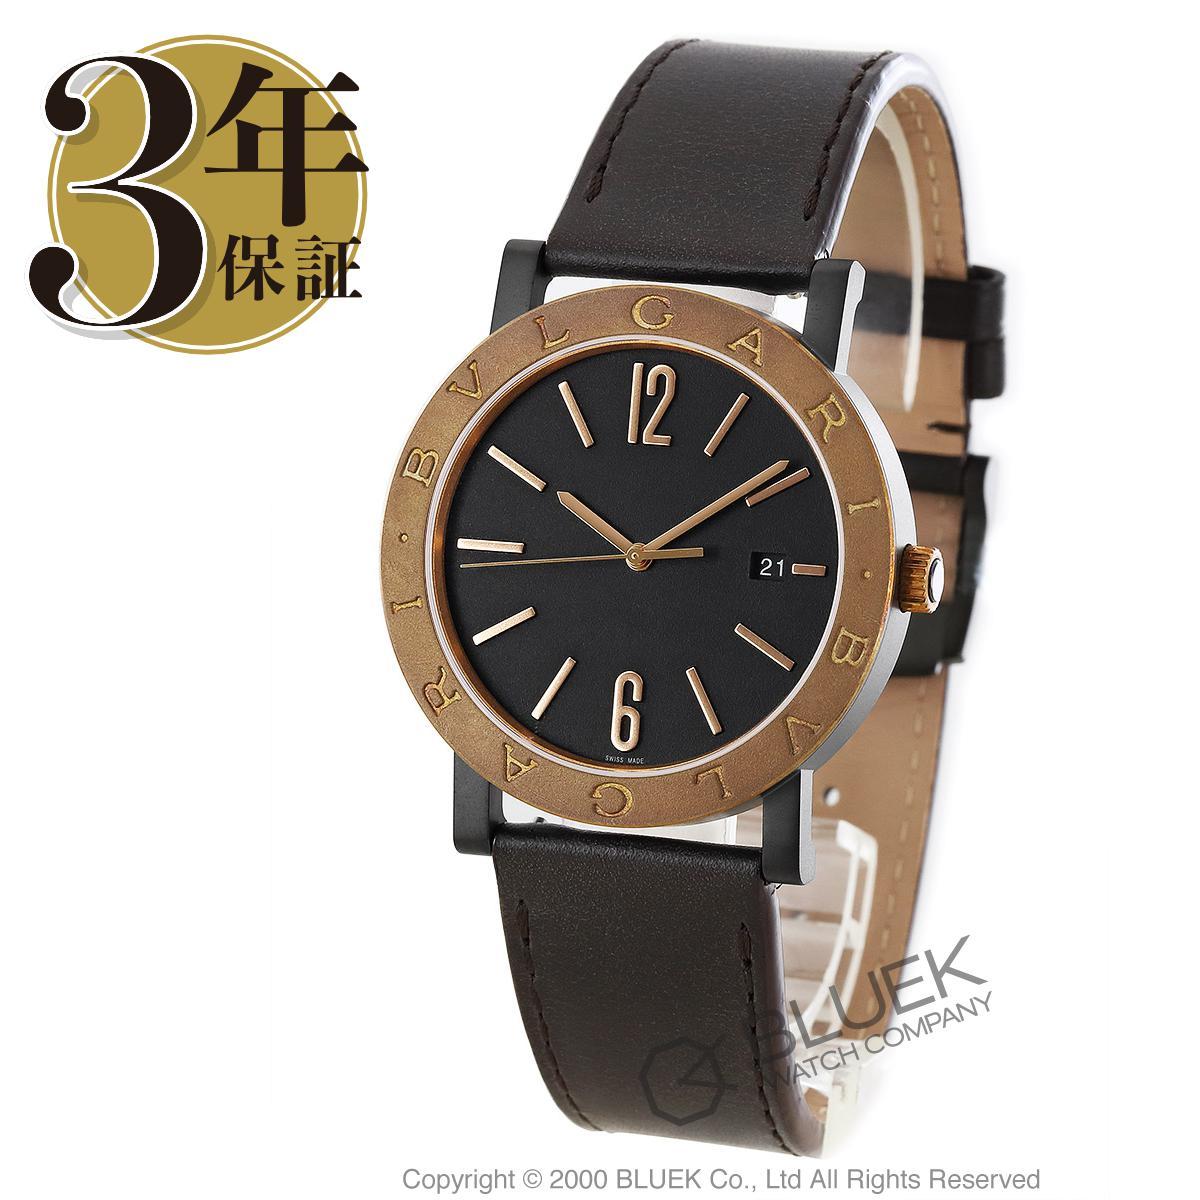 ブルガリ ブルガリブルガリ ソロテンポ 替えベルト付き 腕時計 メンズ BVLGARI BB41C11BSD/MB_3